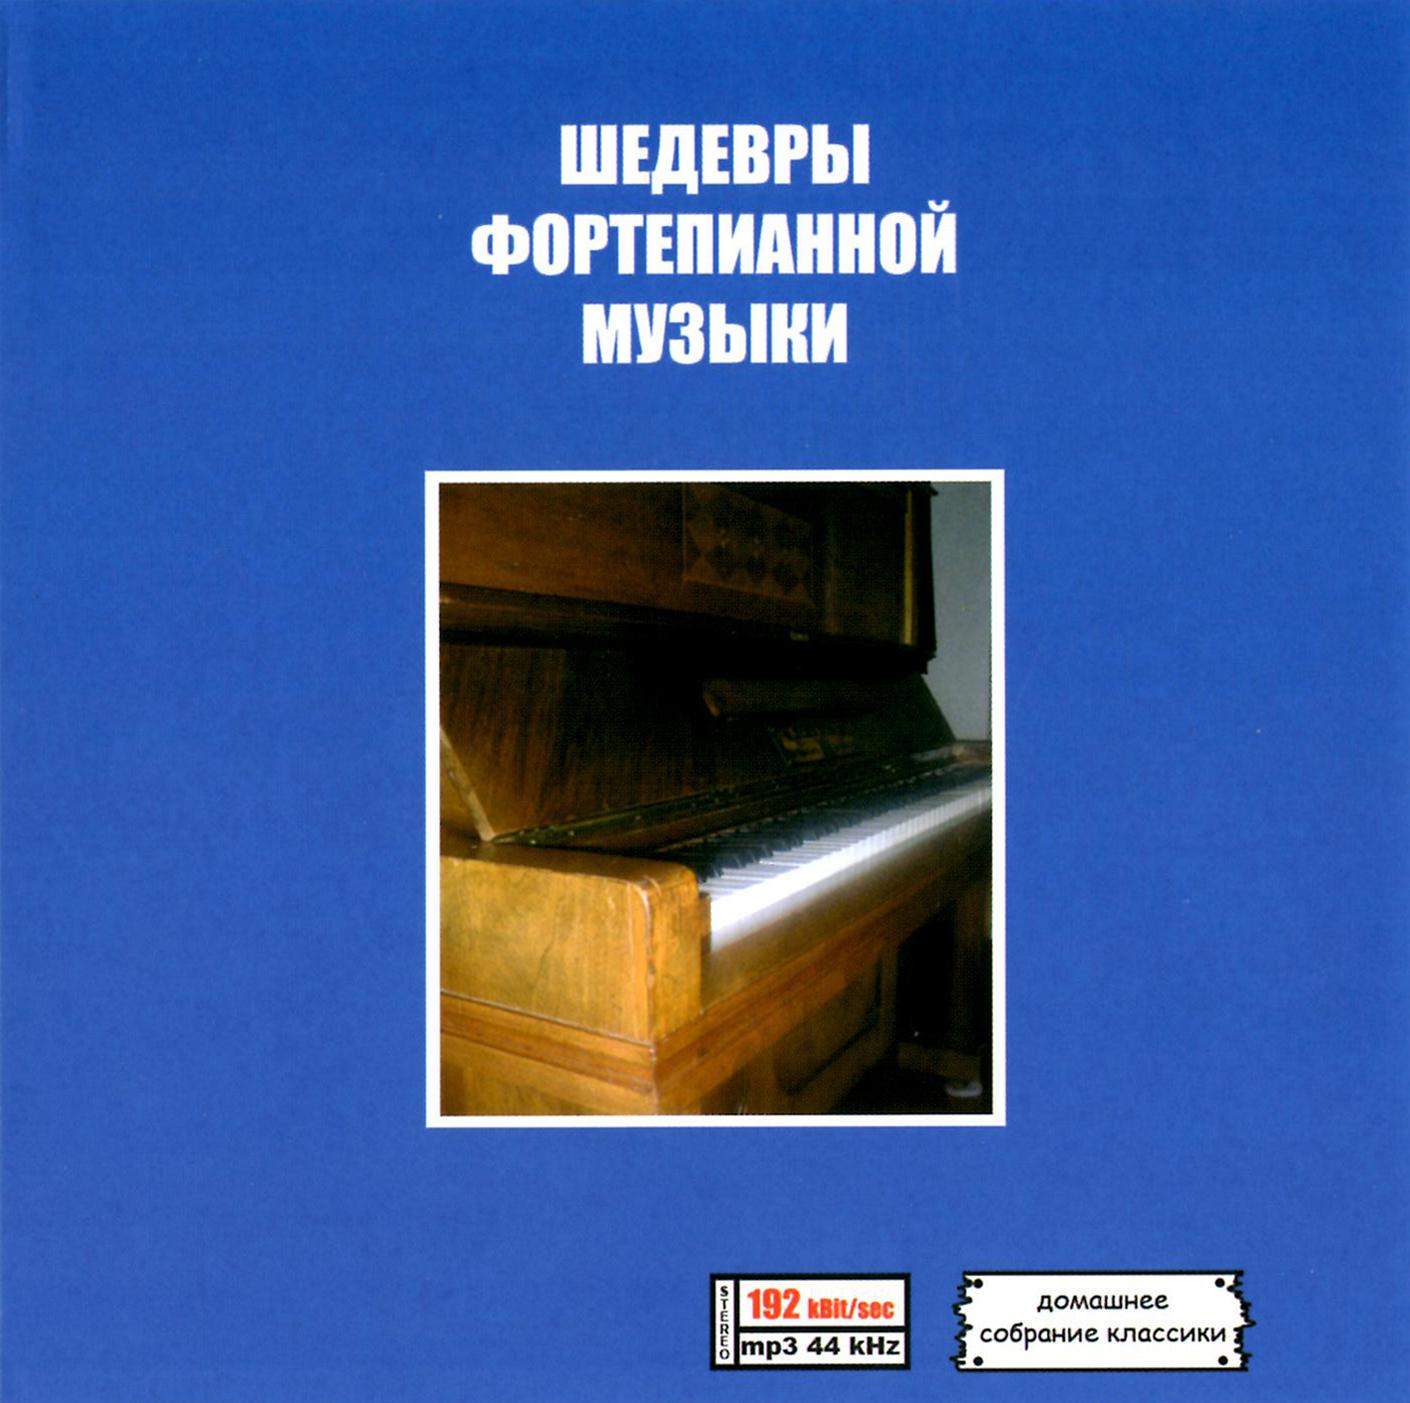 Шедевры фортепианной музыки [mp3]